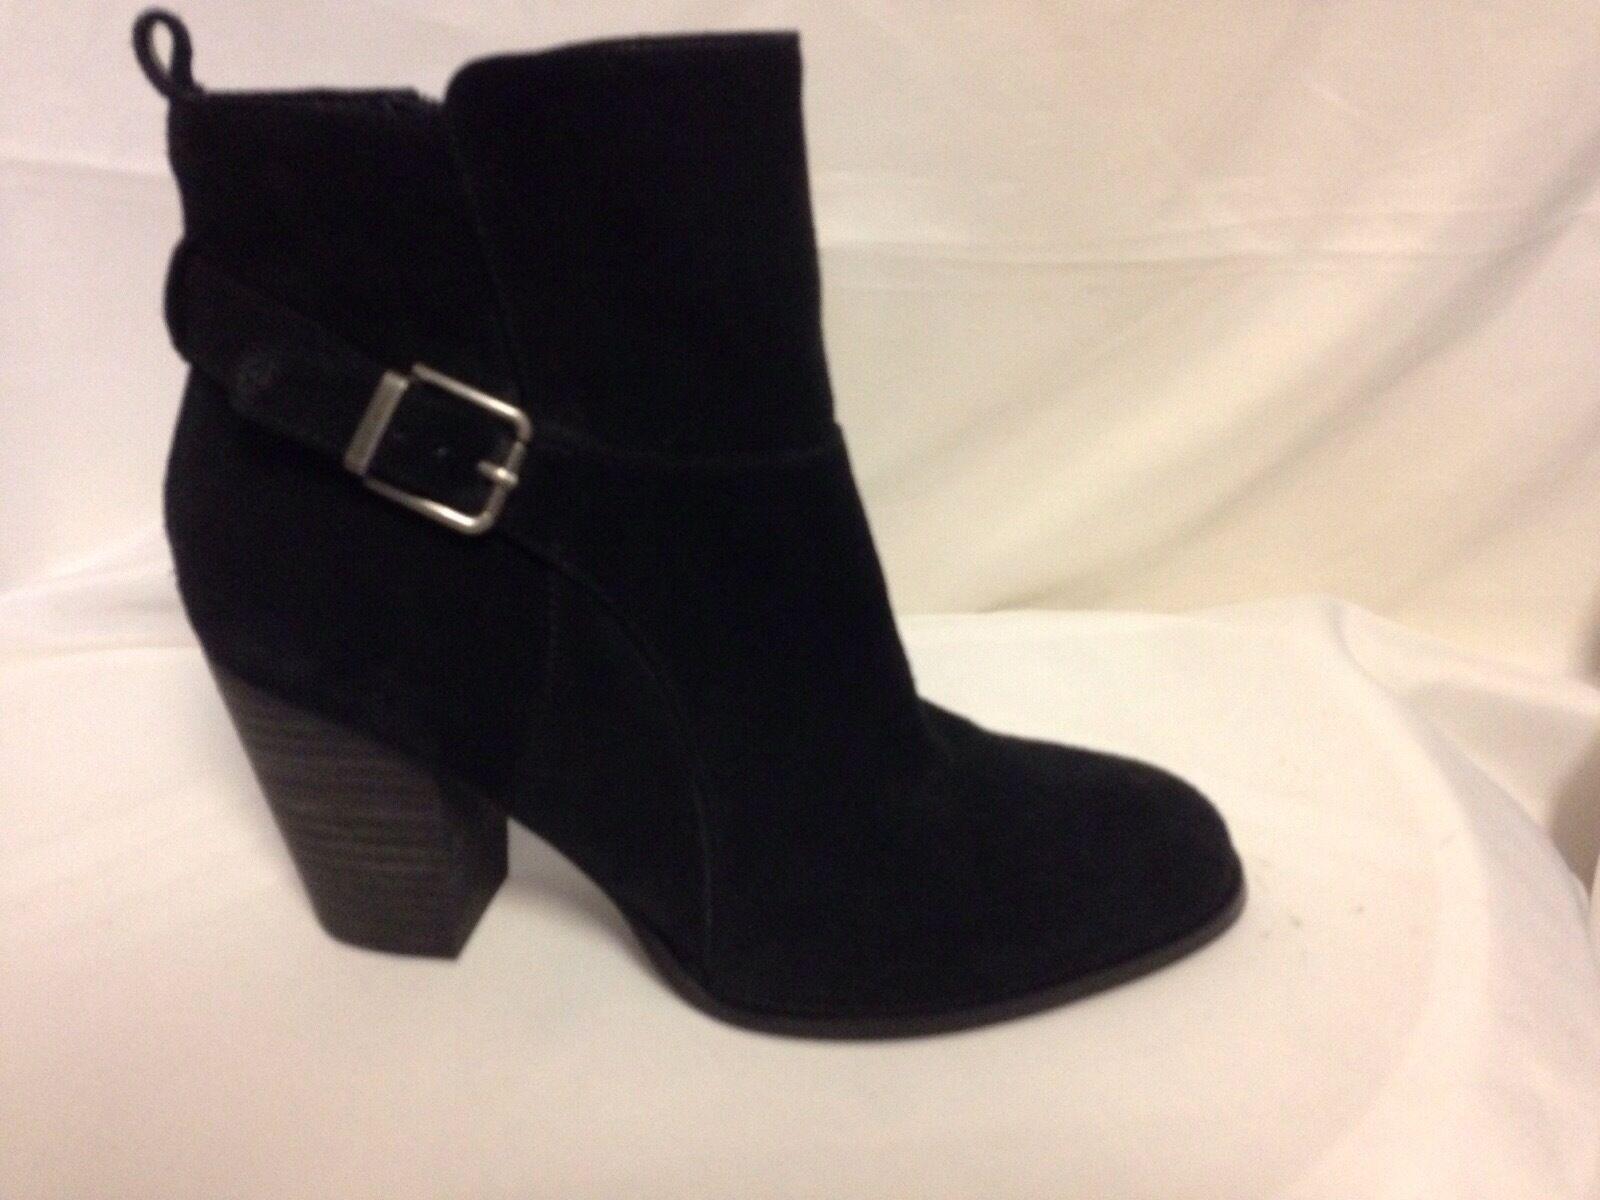 Top botines zapatos cuero señora zapatos de cuero zapatos con cordones botas 0423 azul oscuro 37 07343b